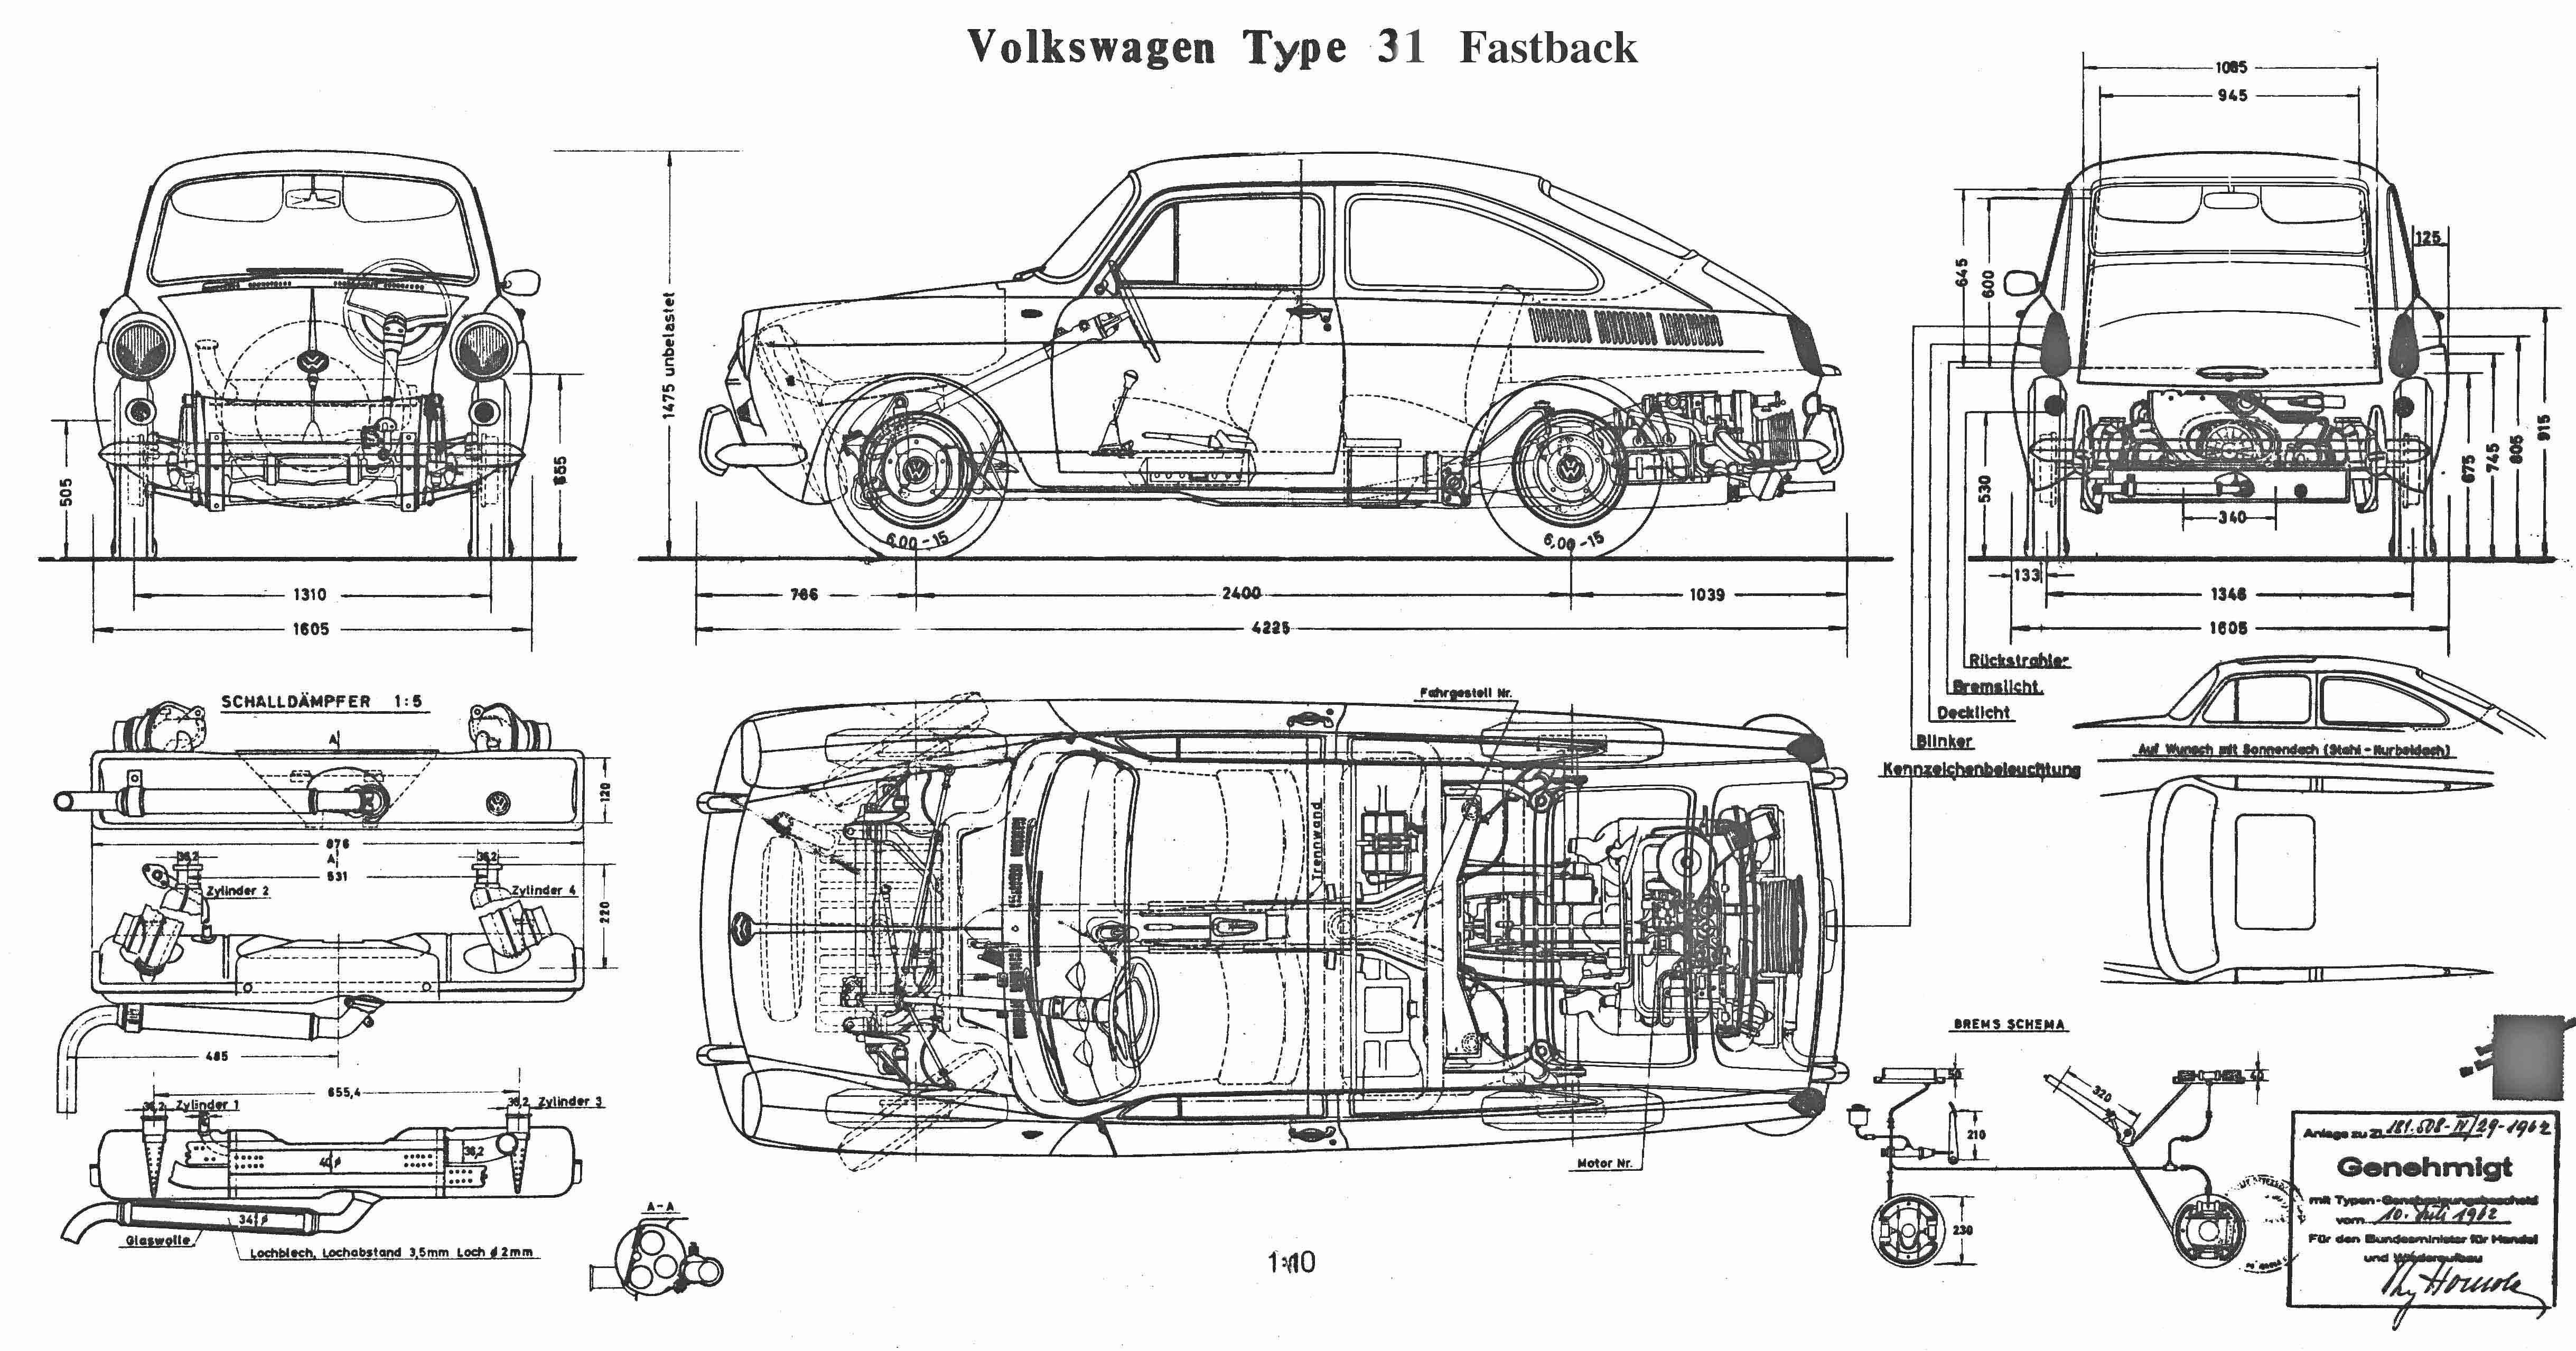 Volkswagen Typ 31 Fastback